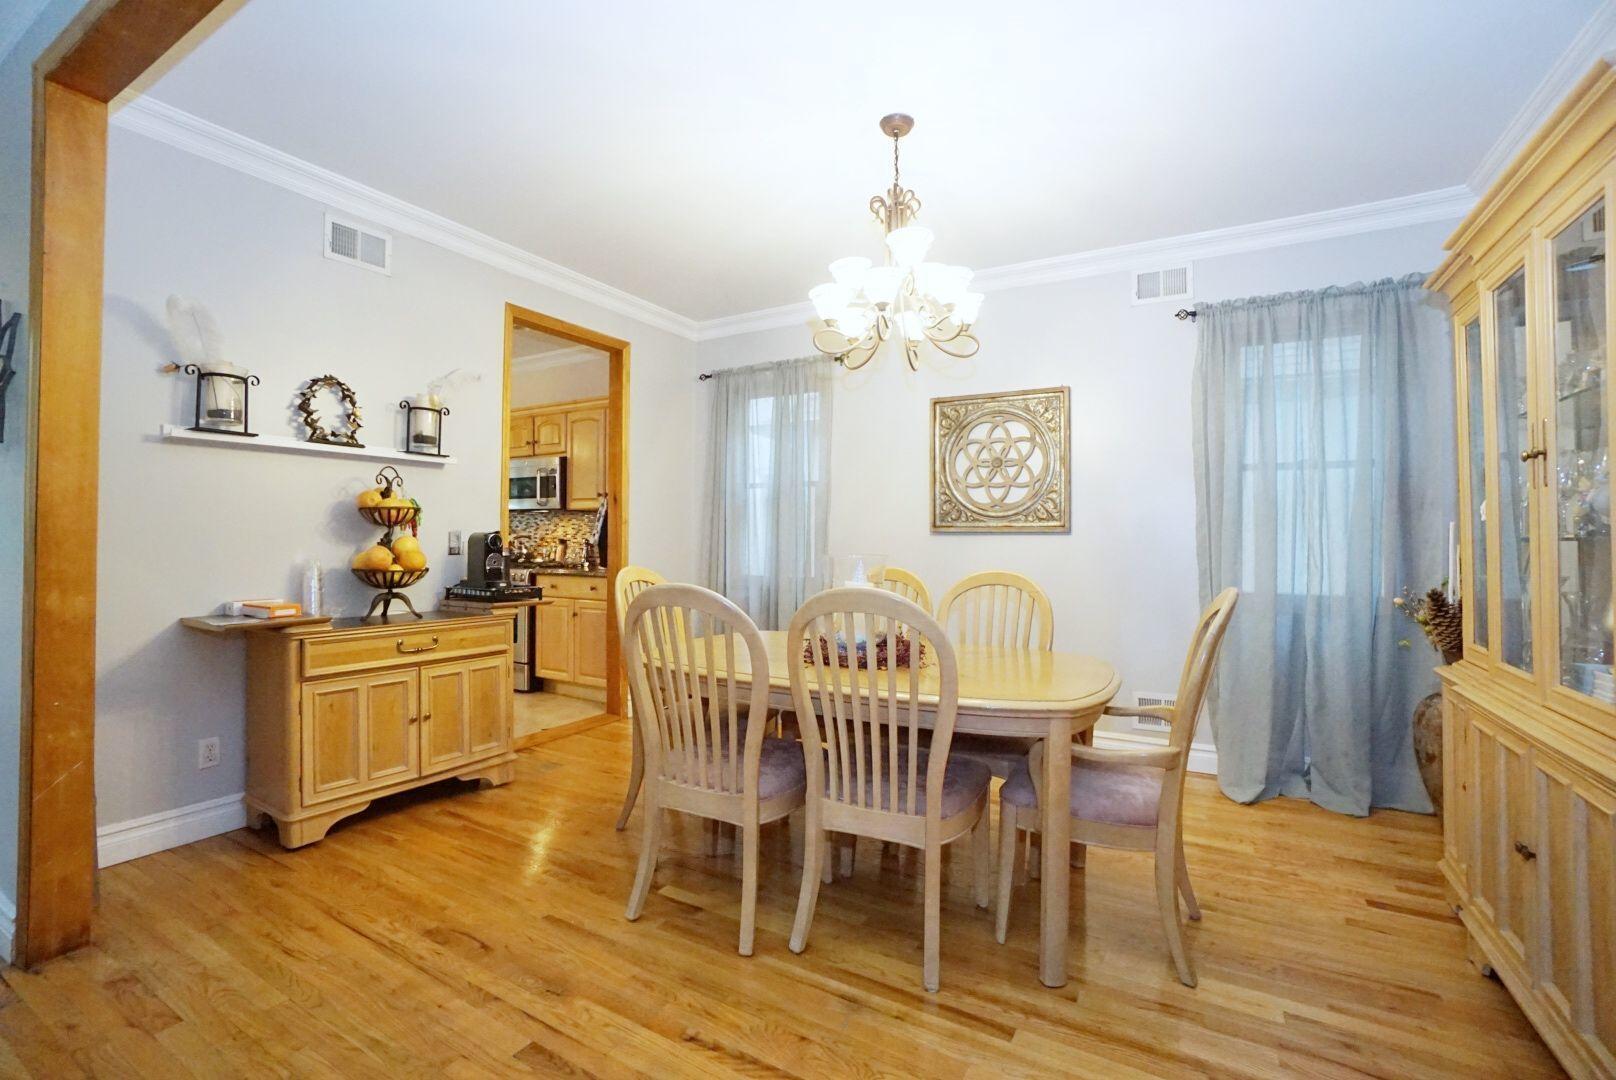 Single Family - Detached 311 Sharrott Avenue  Staten Island, NY 10309, MLS-1146042-11